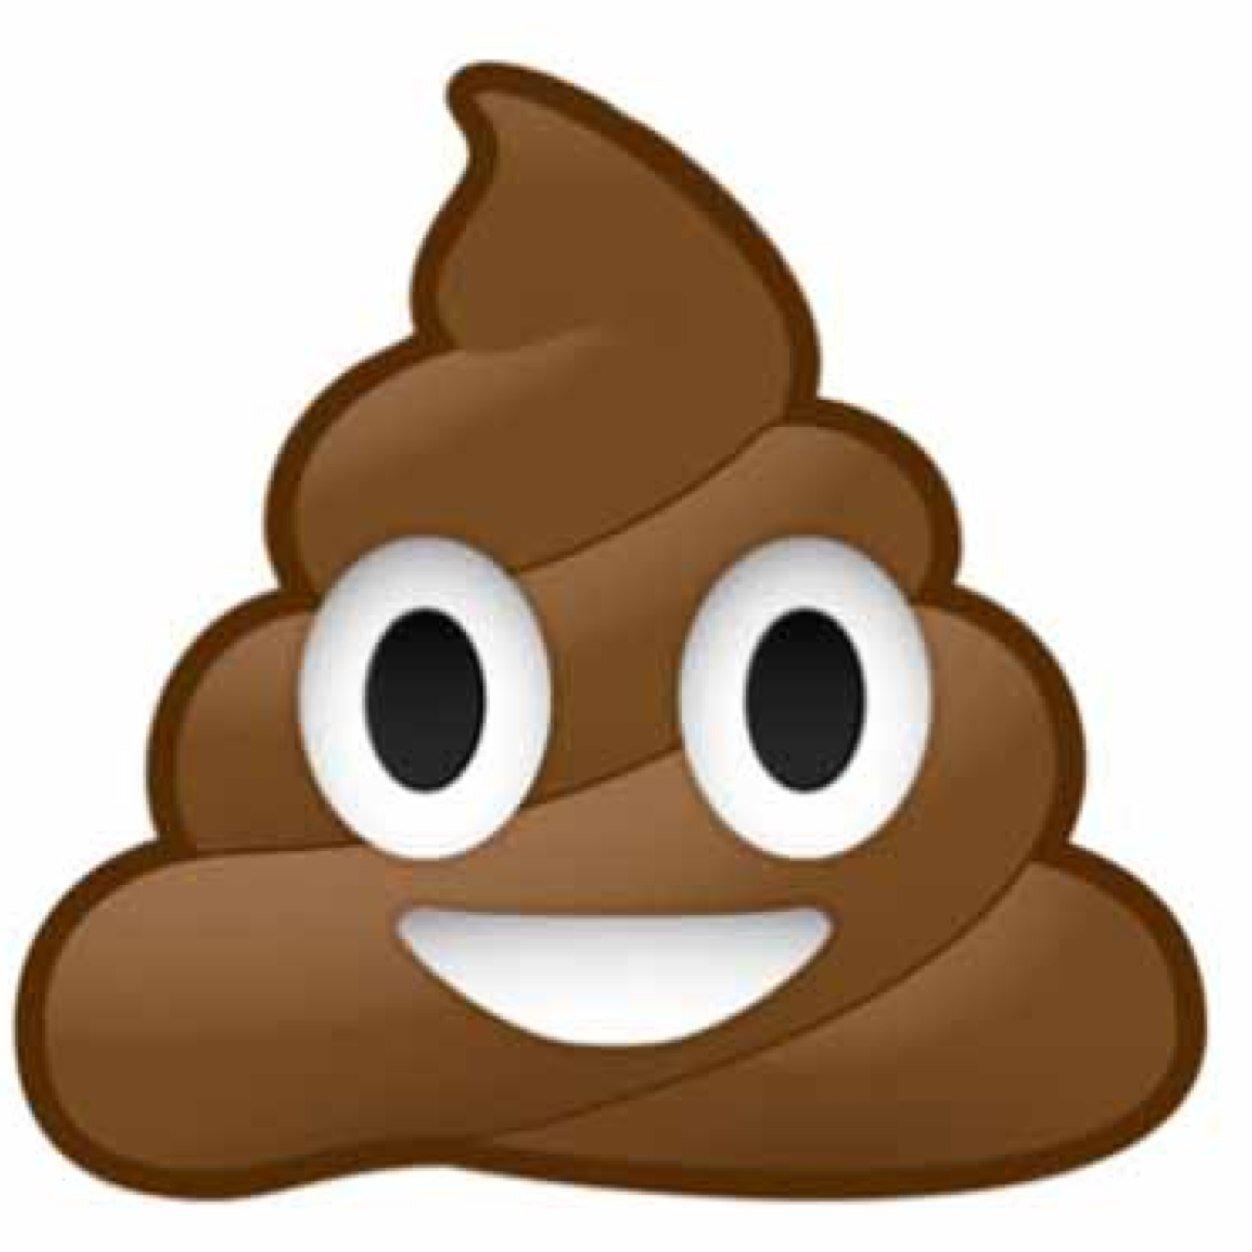 Poop Emoji Blank Template Imgflip - Poop emoji template